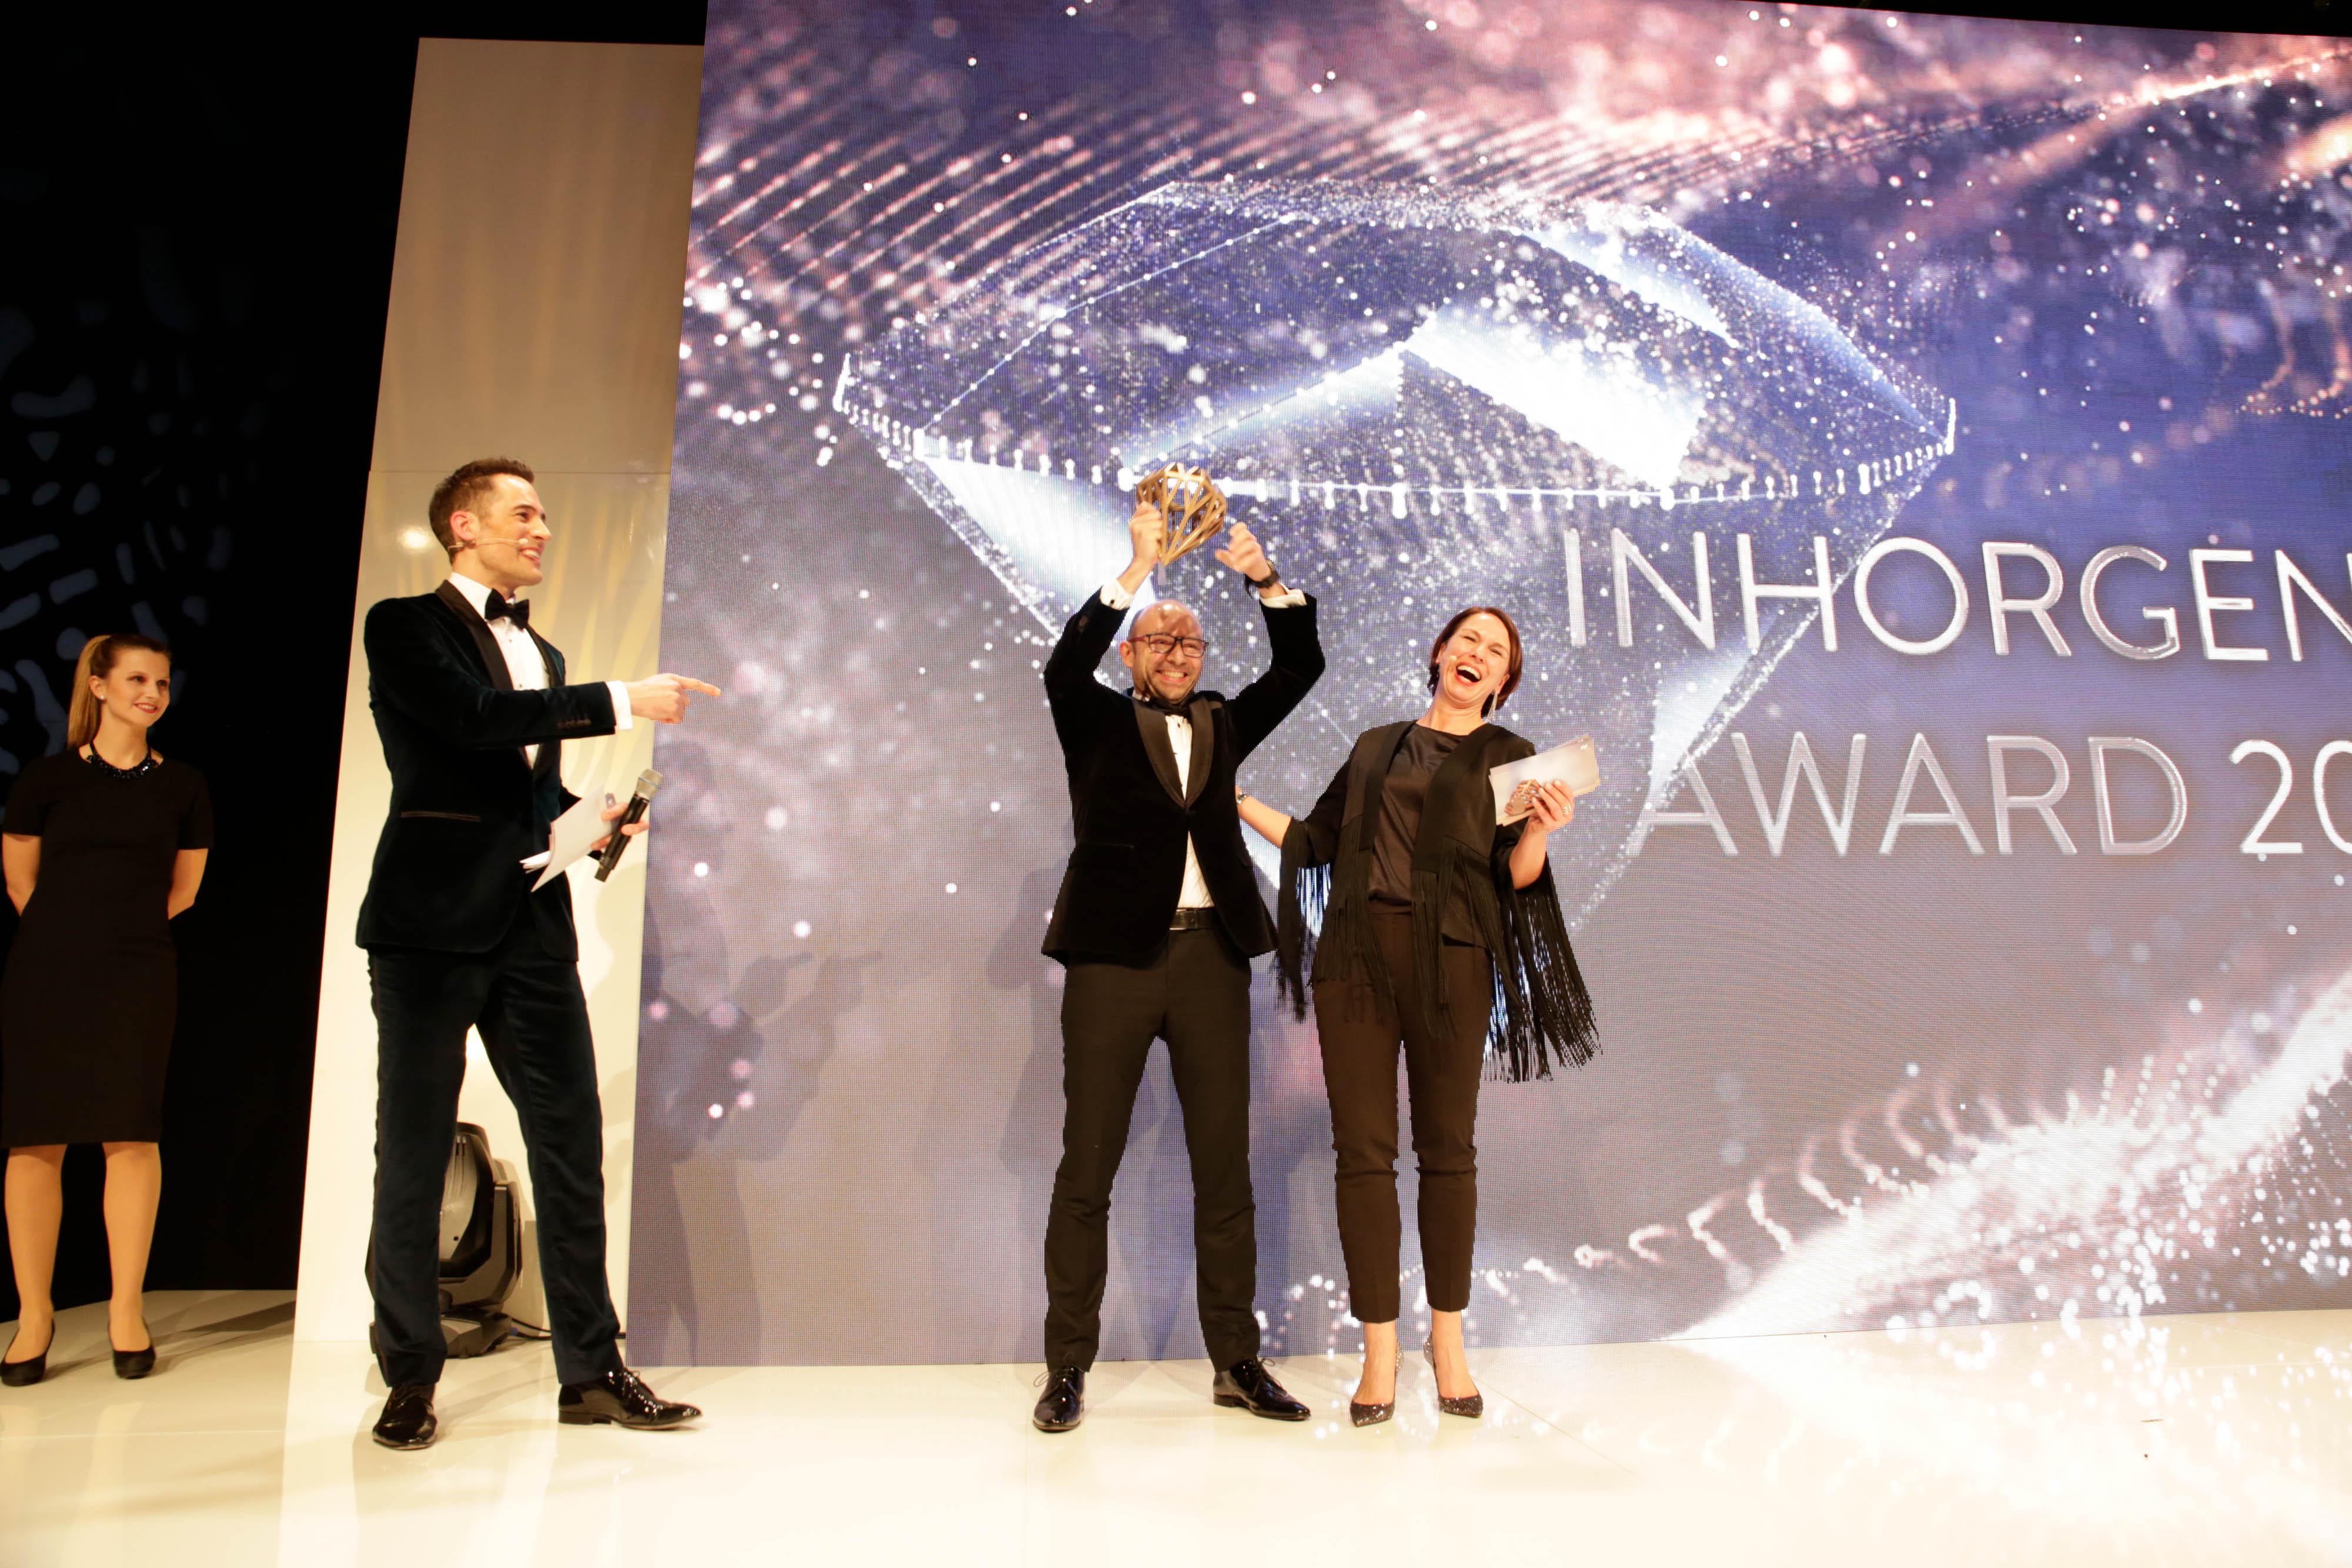 Inhorgenta Award 2019